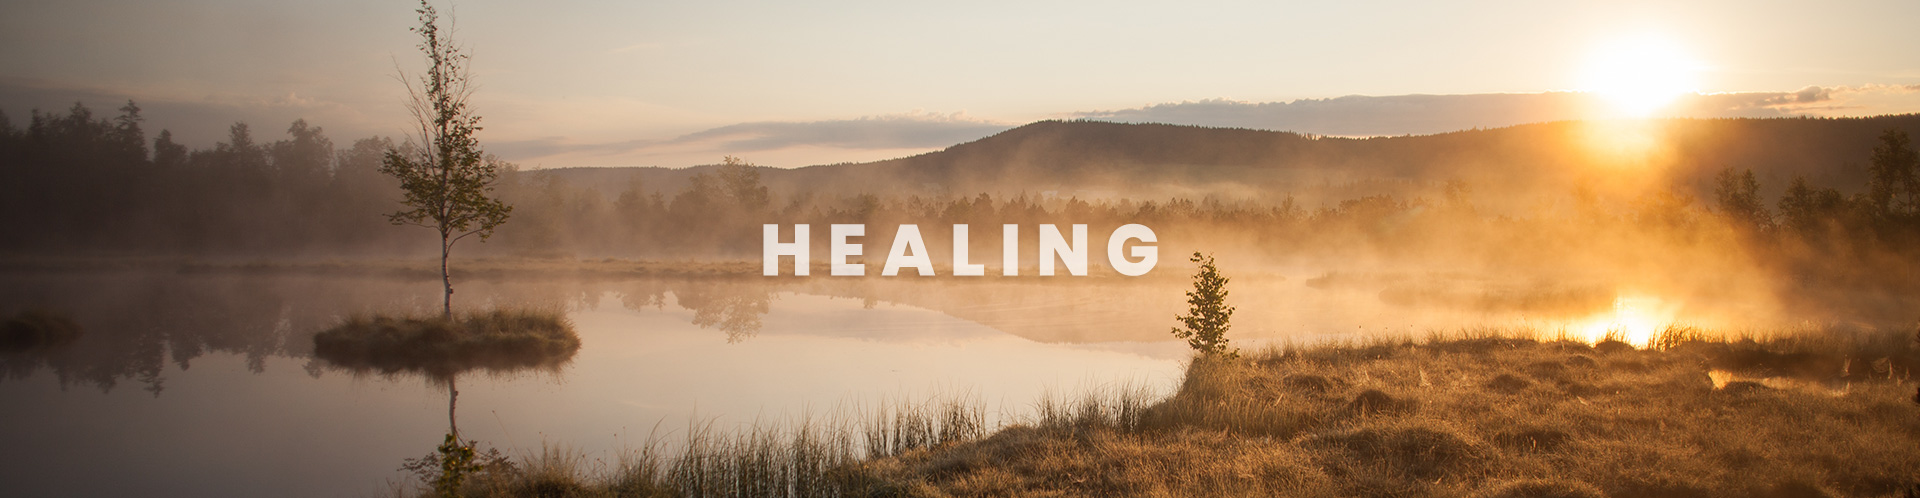 Gallery Image healing.jpg